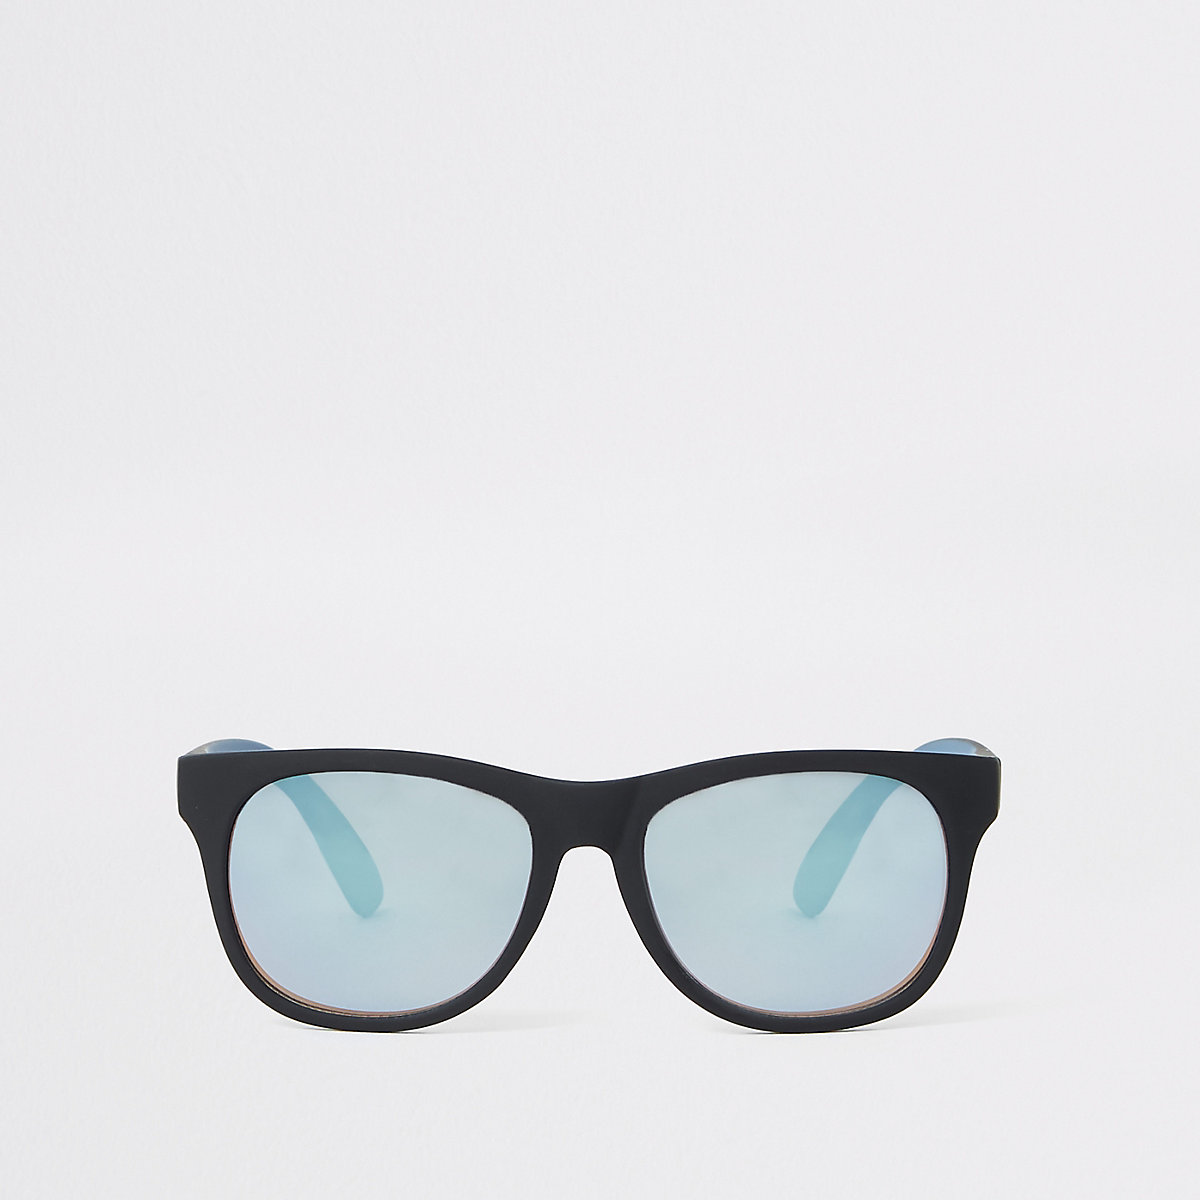 Boys black retro blue lens sunglasses